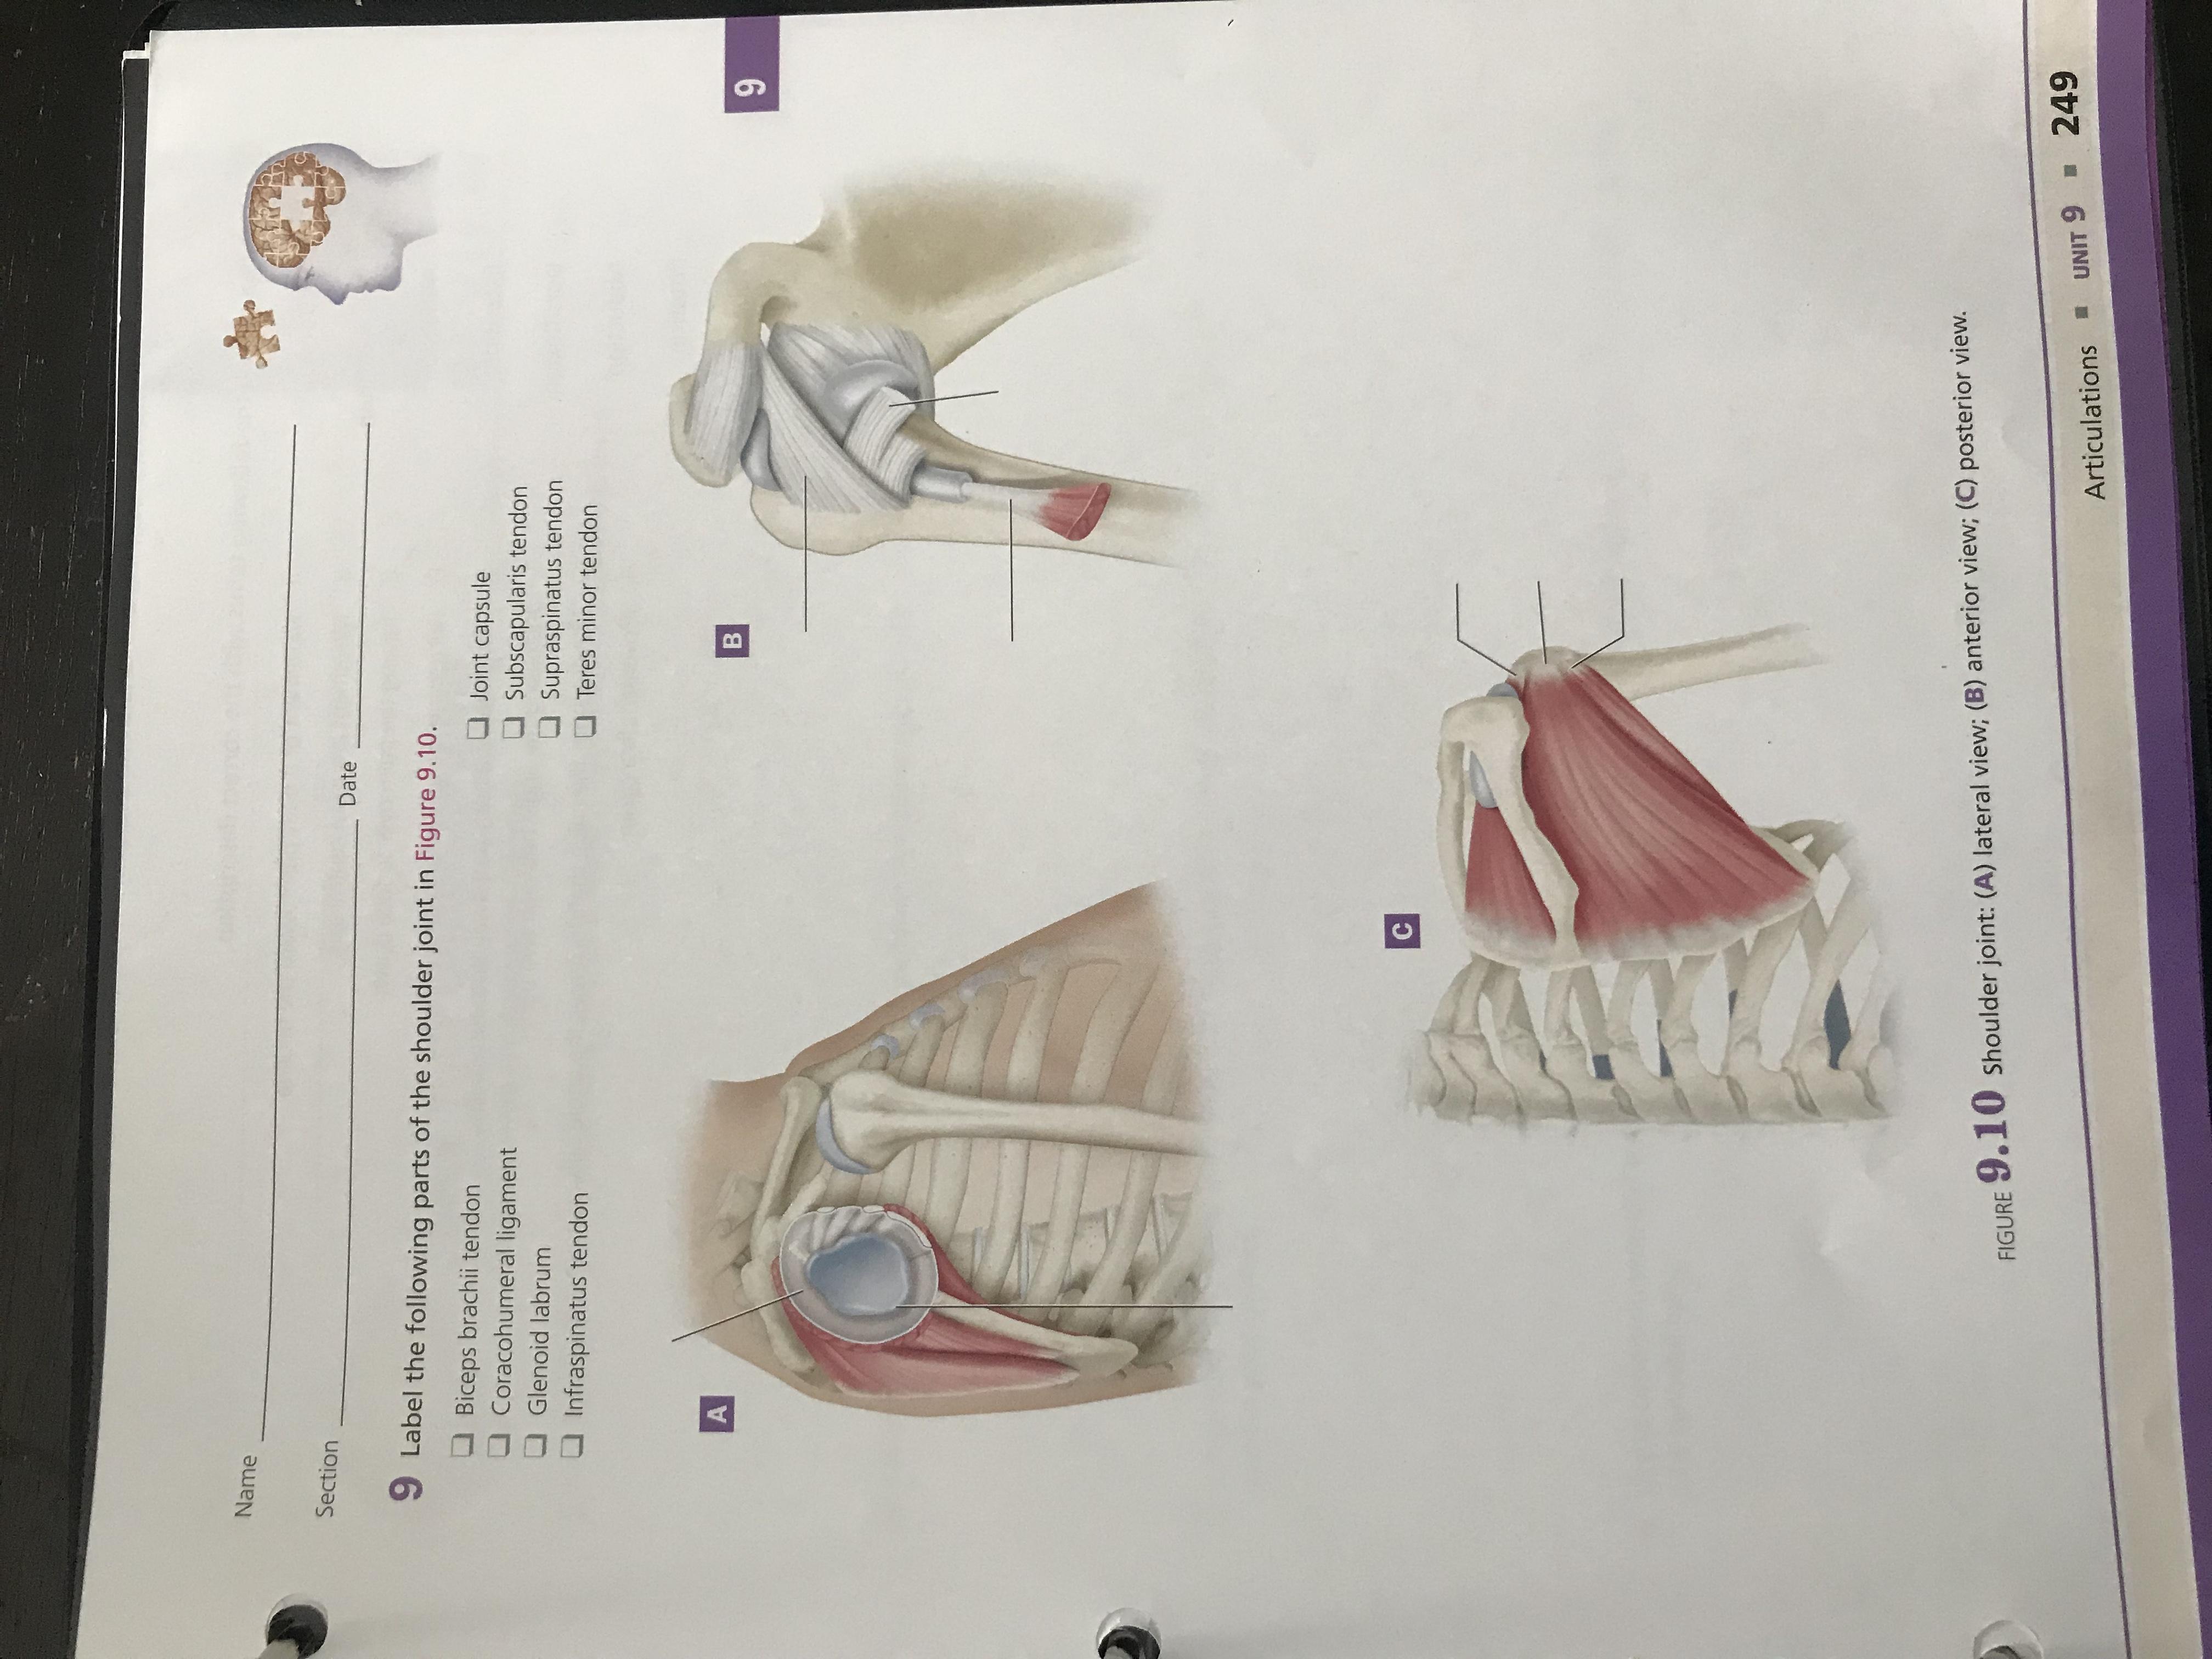 ·松 Name Section Date 9 Label the following parts of the shoulder joint in Figure 9.10. ■ Biceps brachii tendon Coracohumeral ligament Glenoid labrum ■ Joint capsule Subscapularis tendon Supraspinatus tendon ■ Teres minor tendon ■ Infraspinatus tendon FIGURE 9.10 shoulder joint: (A) lateral view; (B) anterior view; (C) posterior view Articulations UNIT 9249